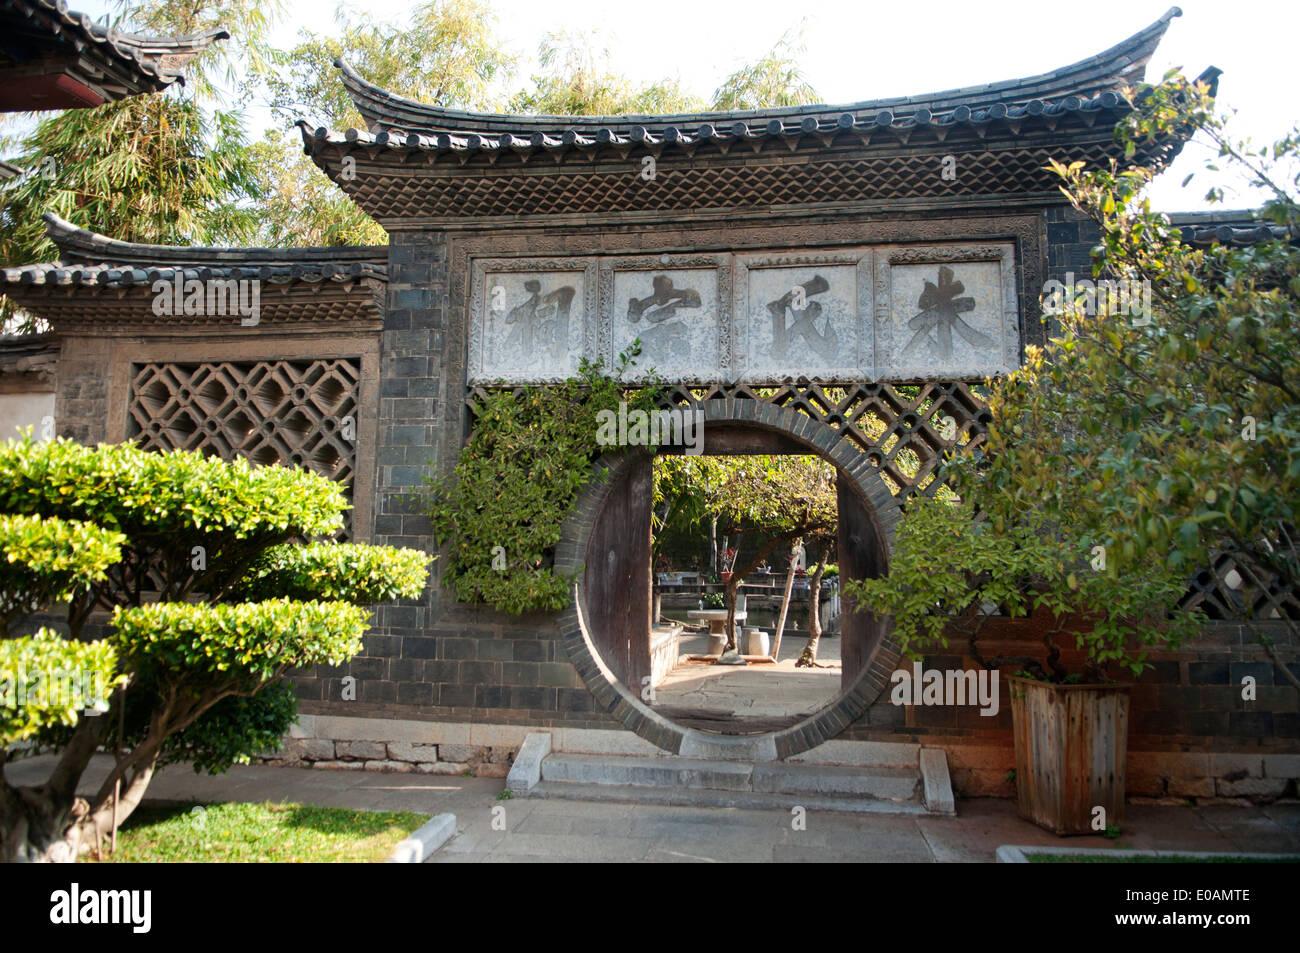 Jianshui zhus im genes de stock jianshui zhus fotos de for Puerta 7 luna park